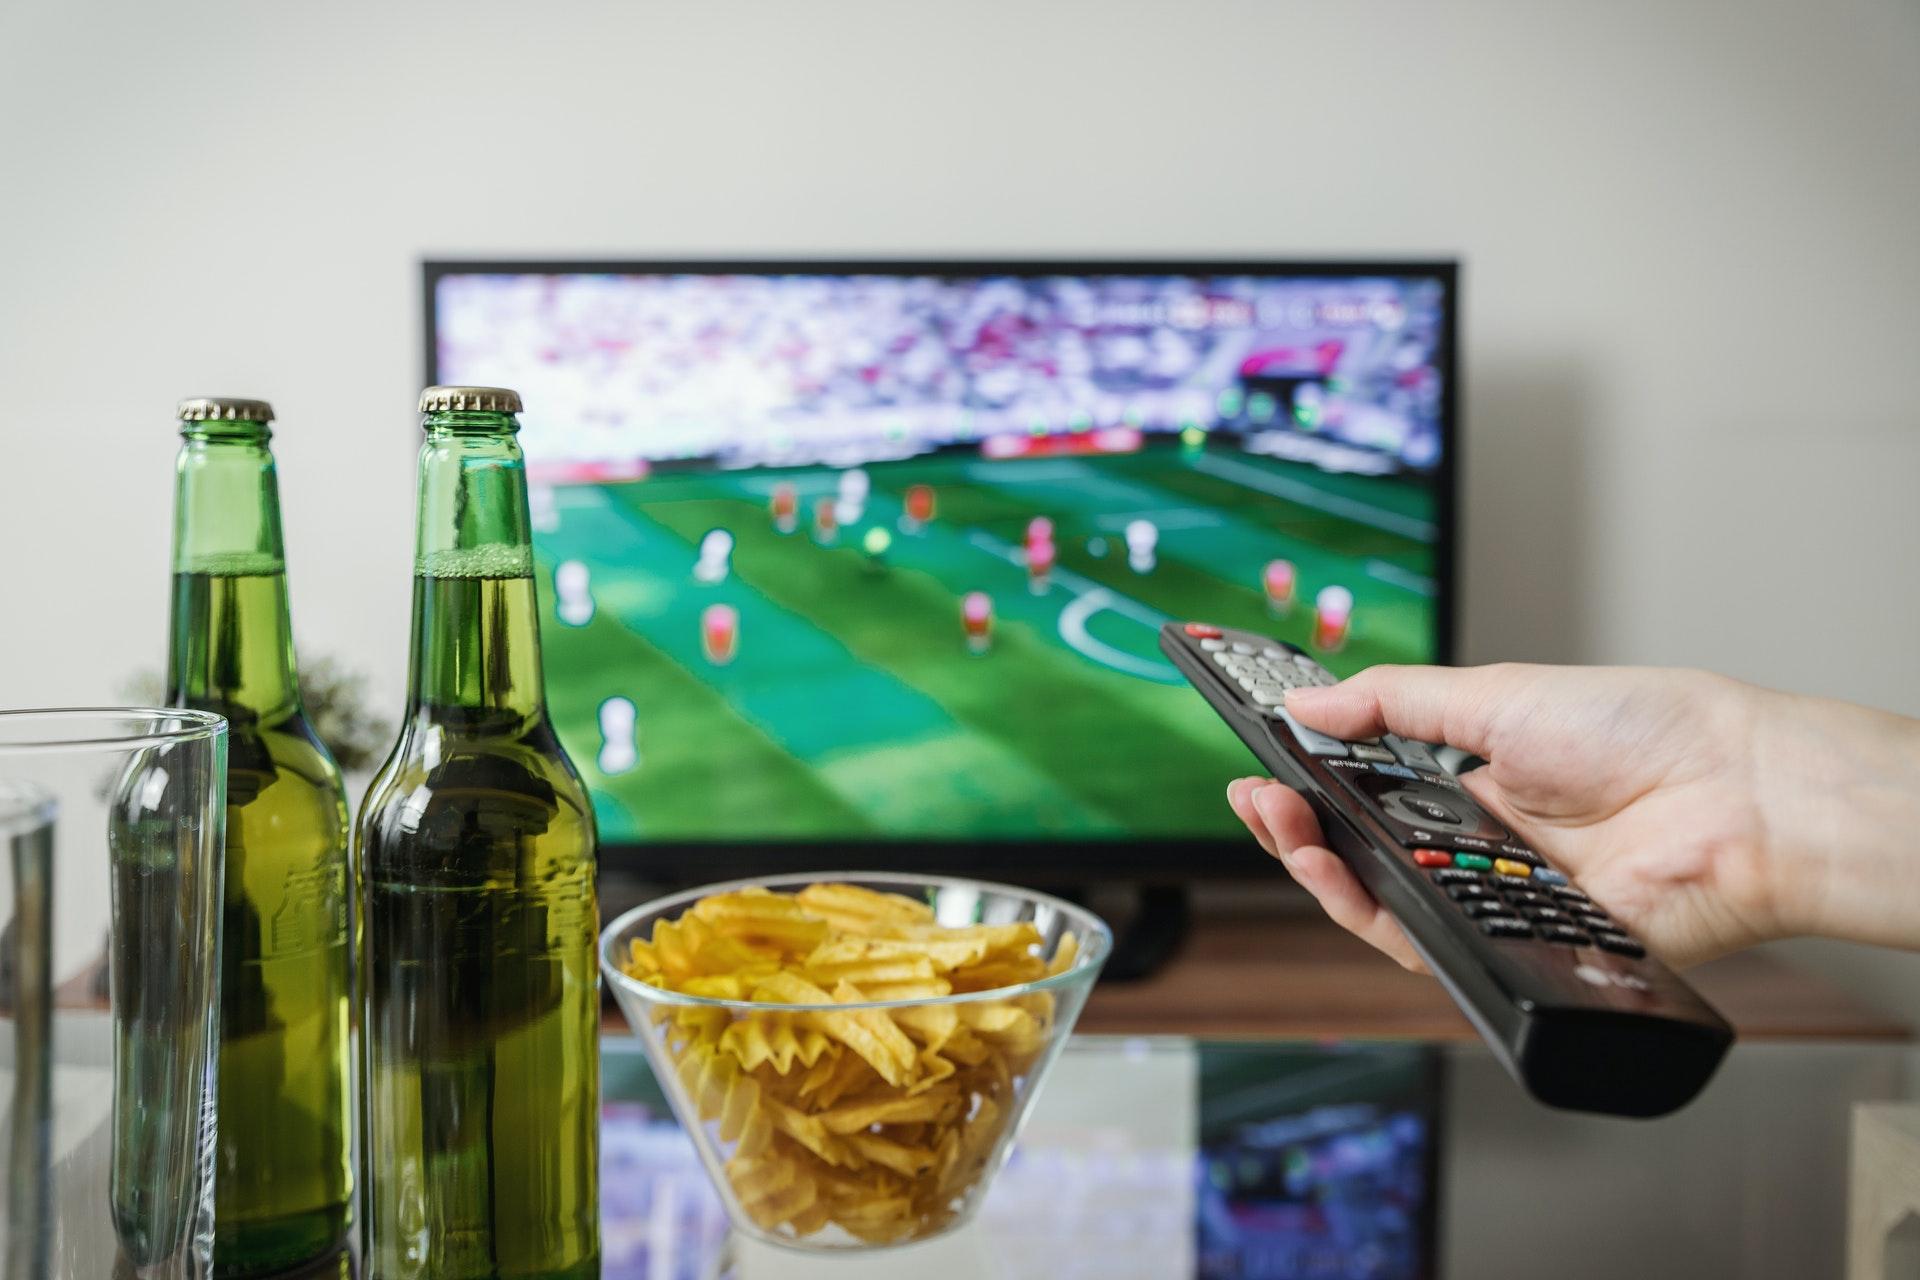 Hướng dẫn về Internet tại nhà để phát trực tuyến thể thao